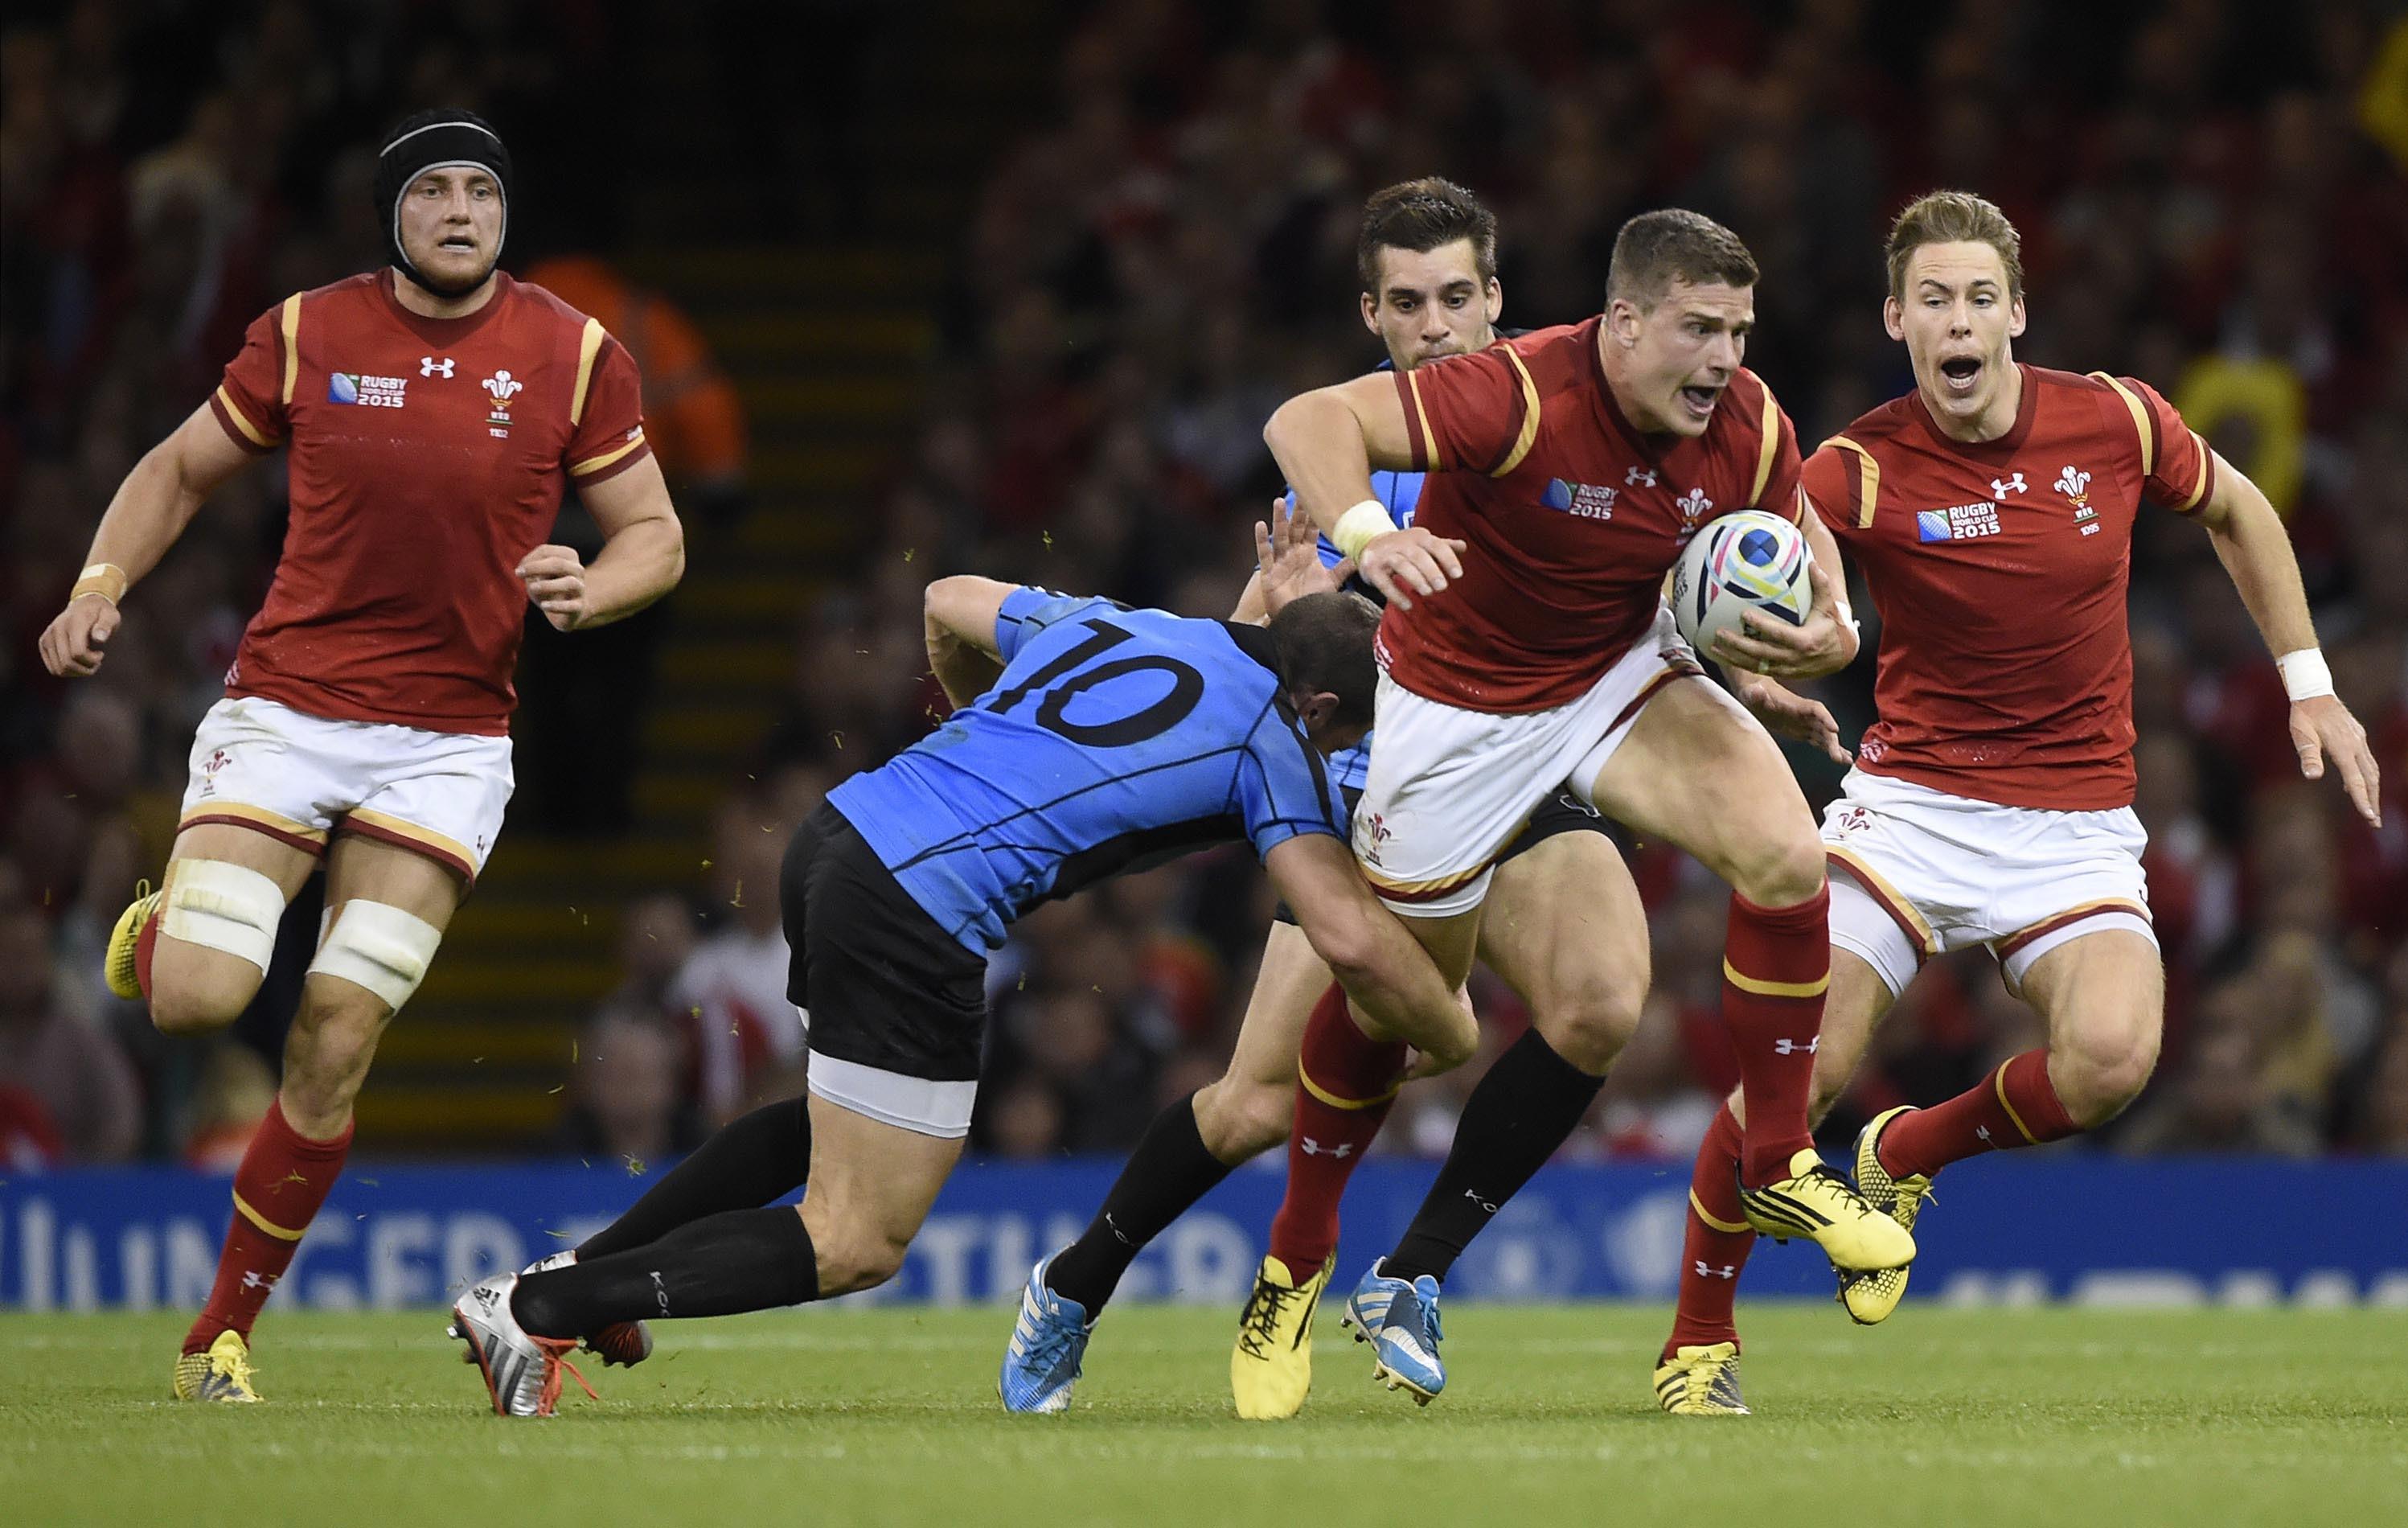 Les gallois d roulent les samoa assurent coupe du monde 2015 rugby - Resultats coupe du monde 2015 rugby ...